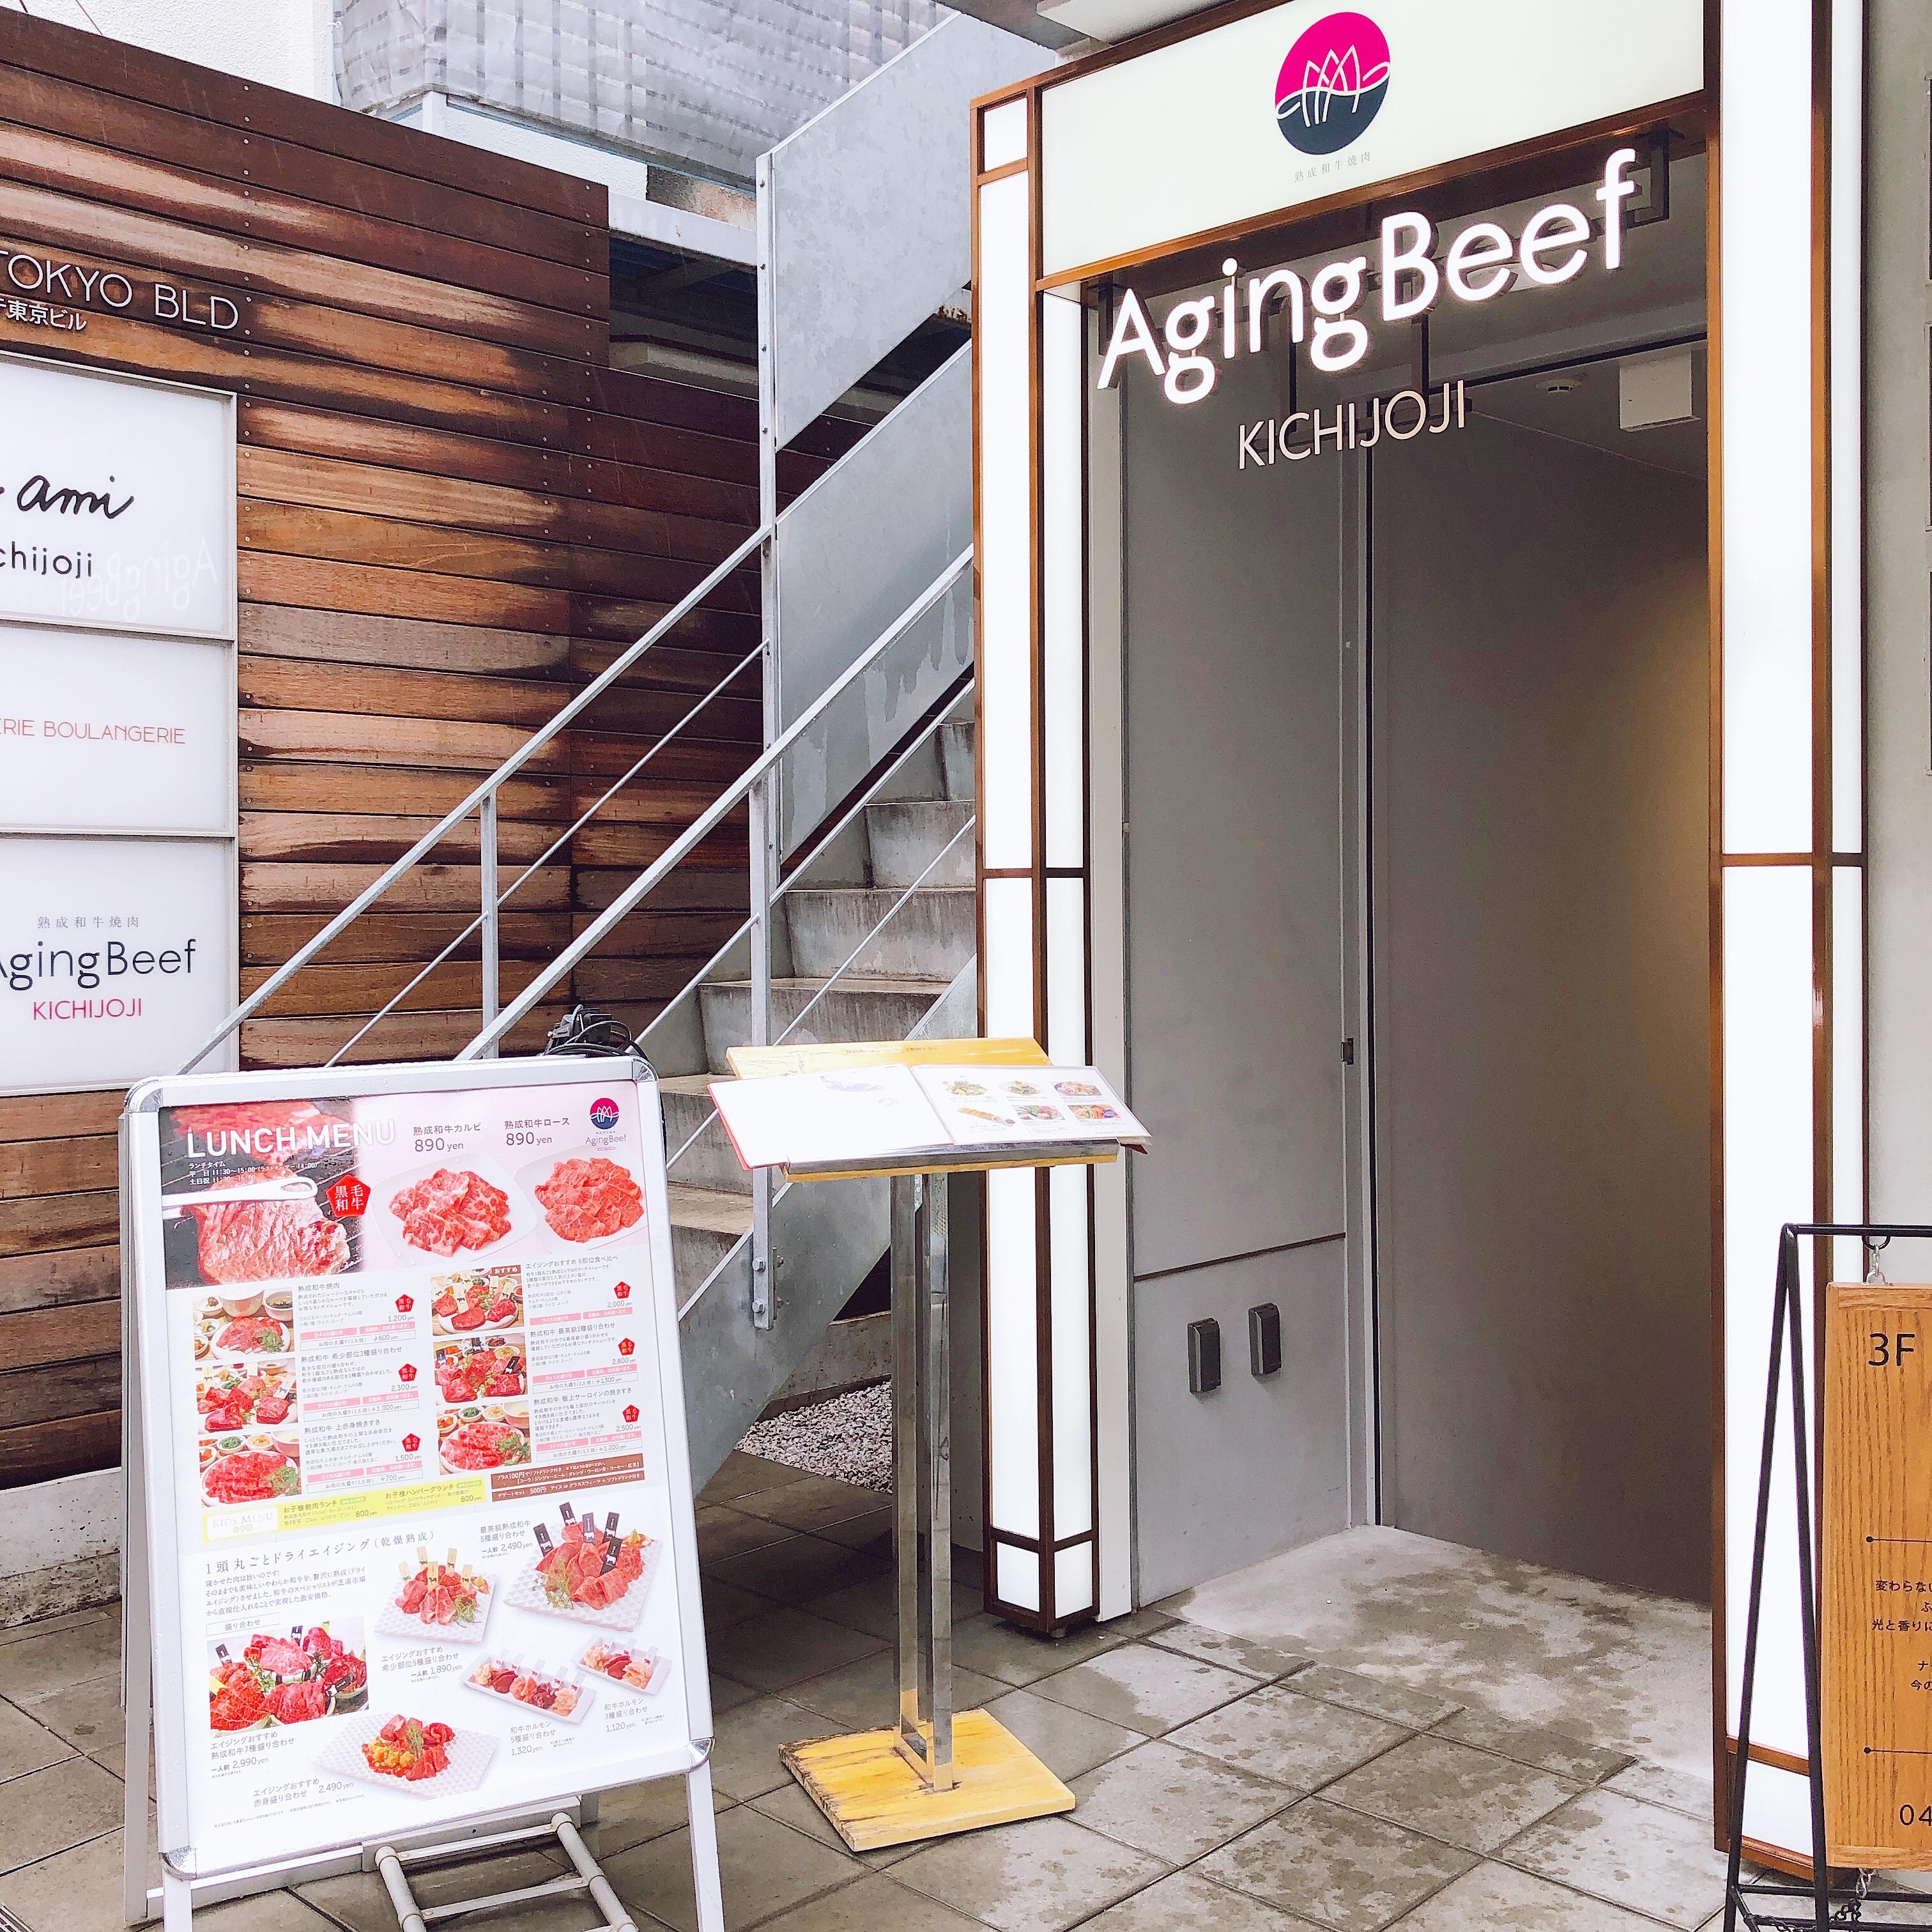 エイジング・ビーフ吉祥寺で「贅沢な熟成肉を食べ比べ」ランチ